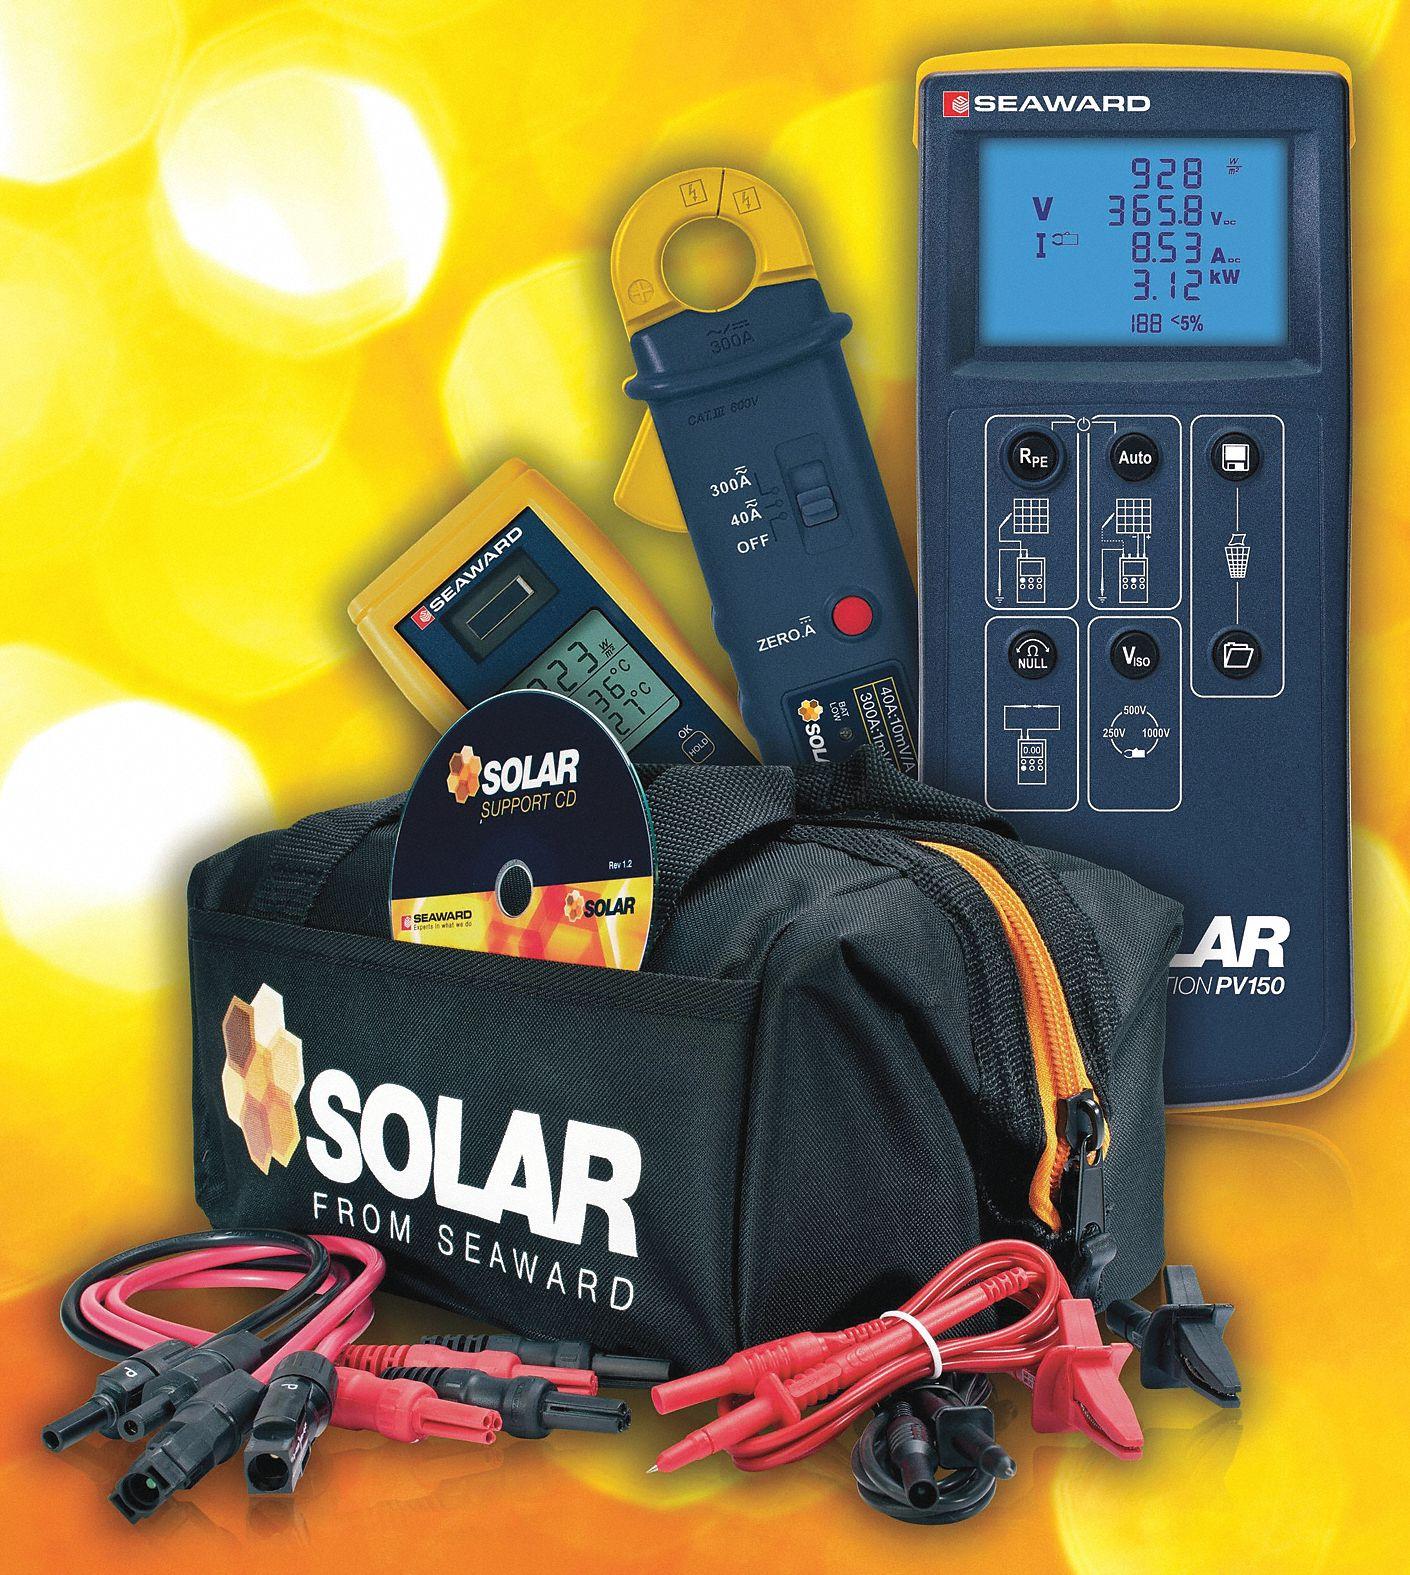 Solar Analyzers